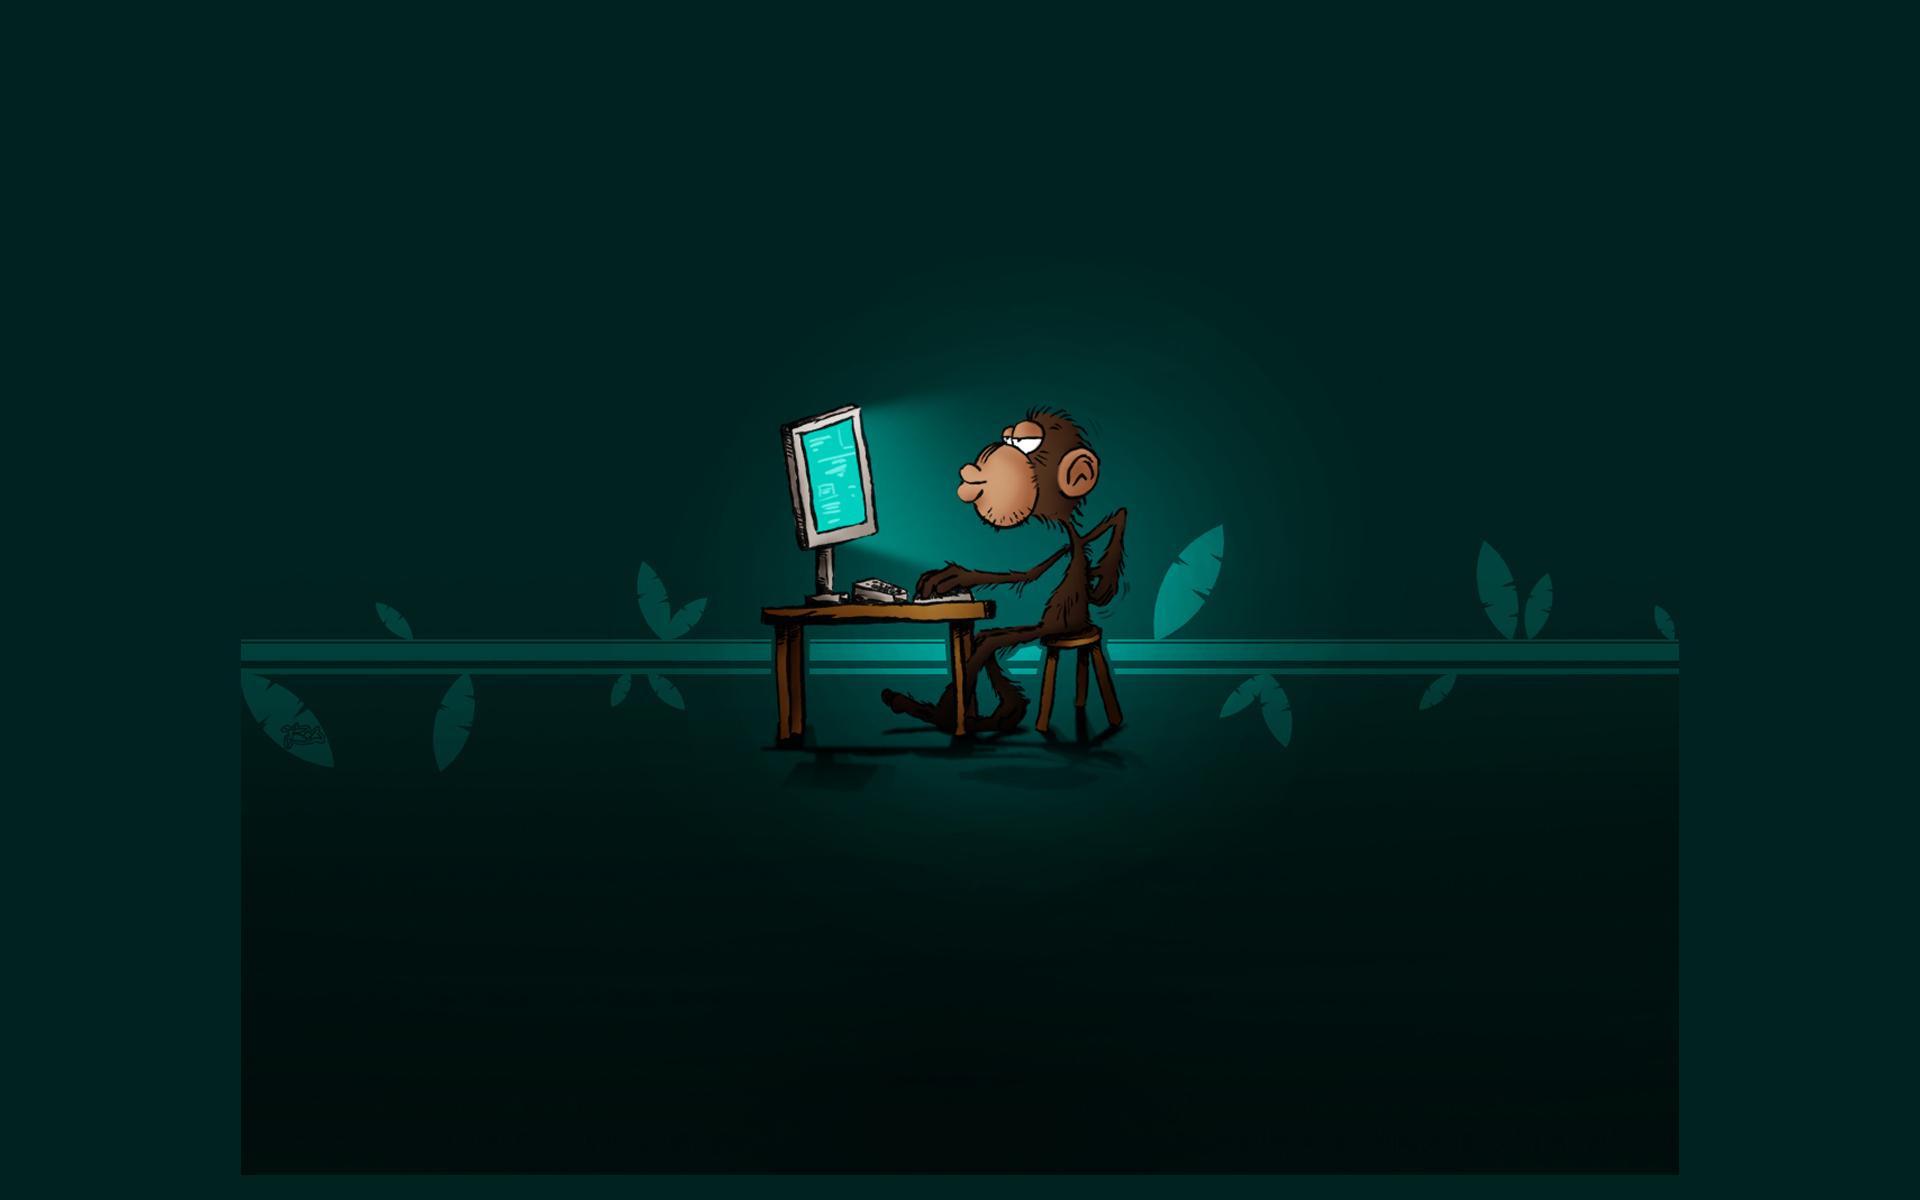 С днем программиста! Мы произошли от обезьяны, она может превзойти нас